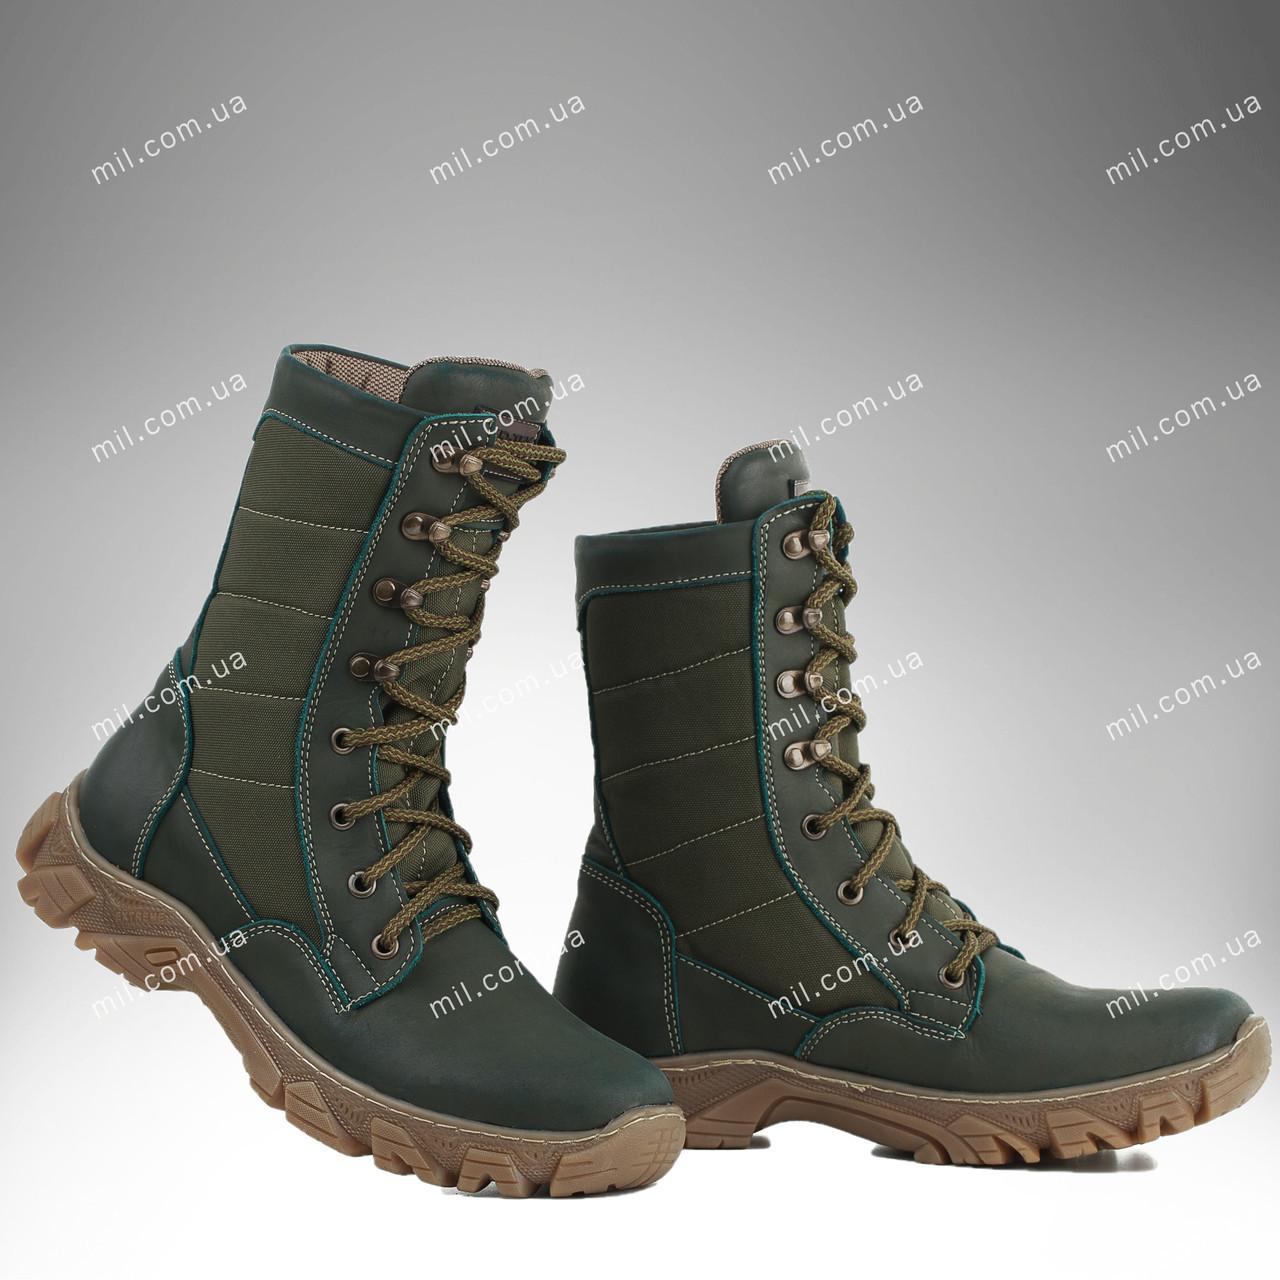 Военная зимняя обувь / берцы, тактическая обувь ДЕЛЬТА (olive)